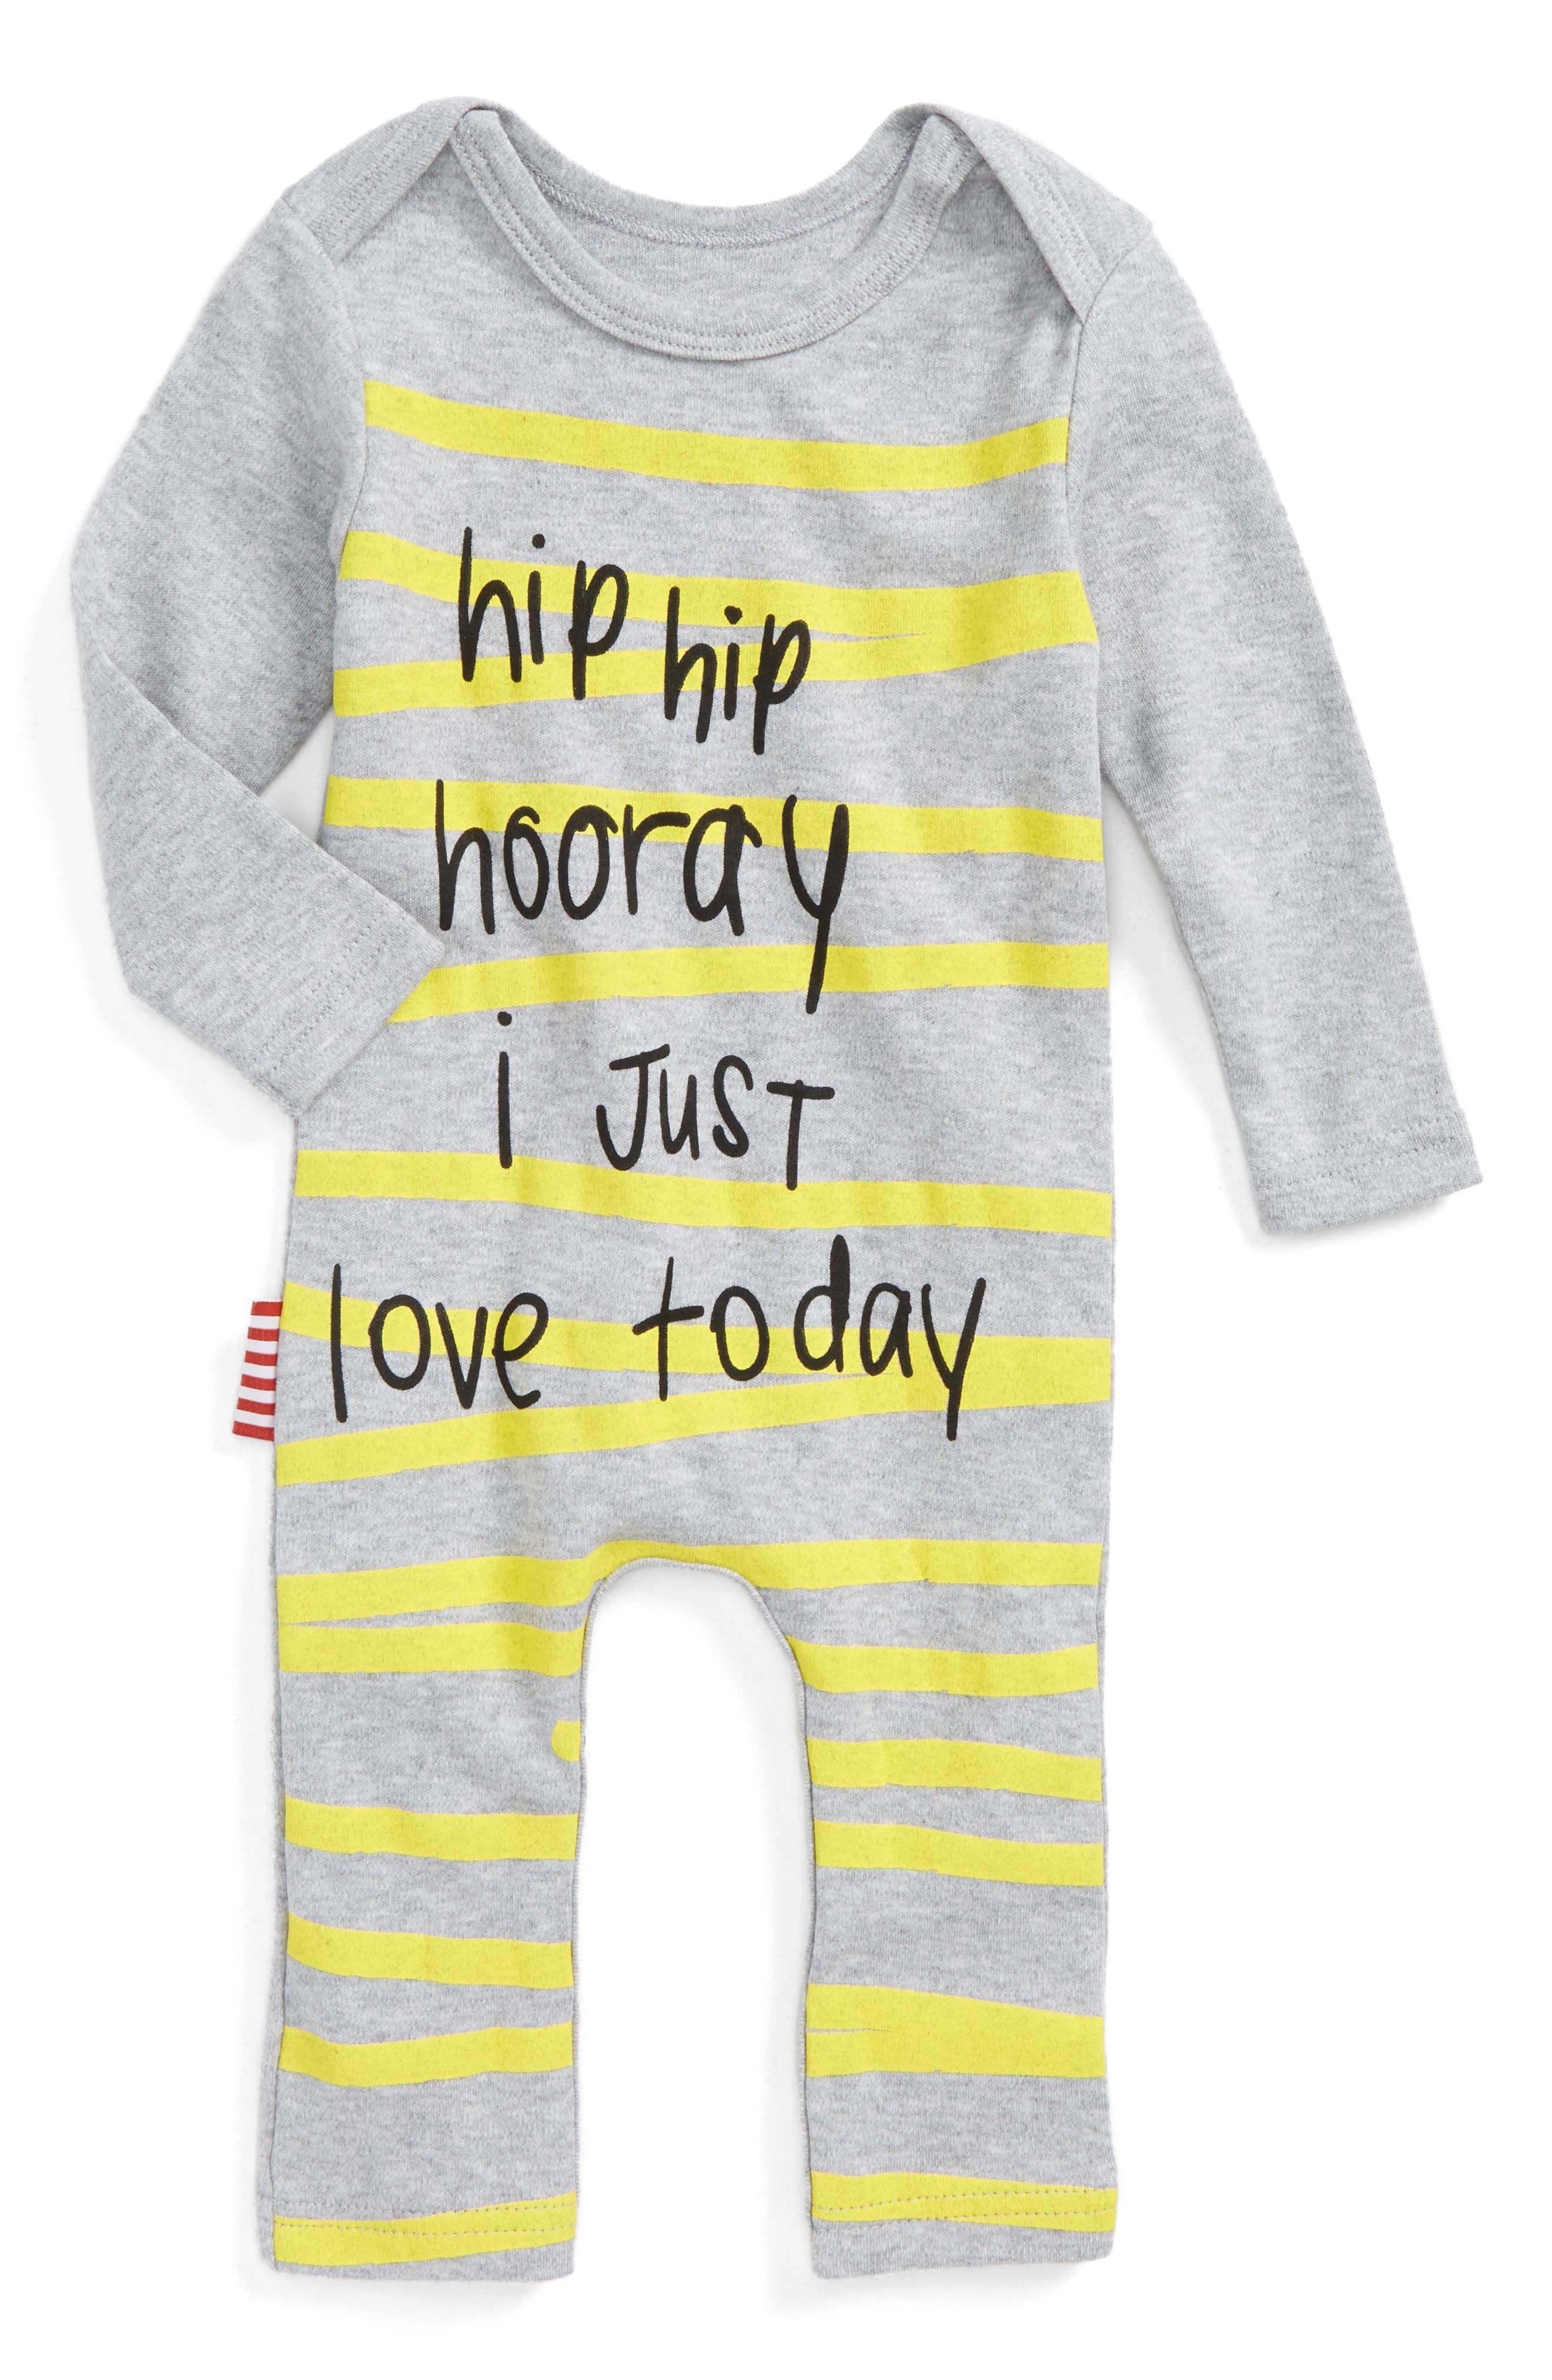 Main Image - SOOKIbaby Hip Hip Hooray Romper (Baby)